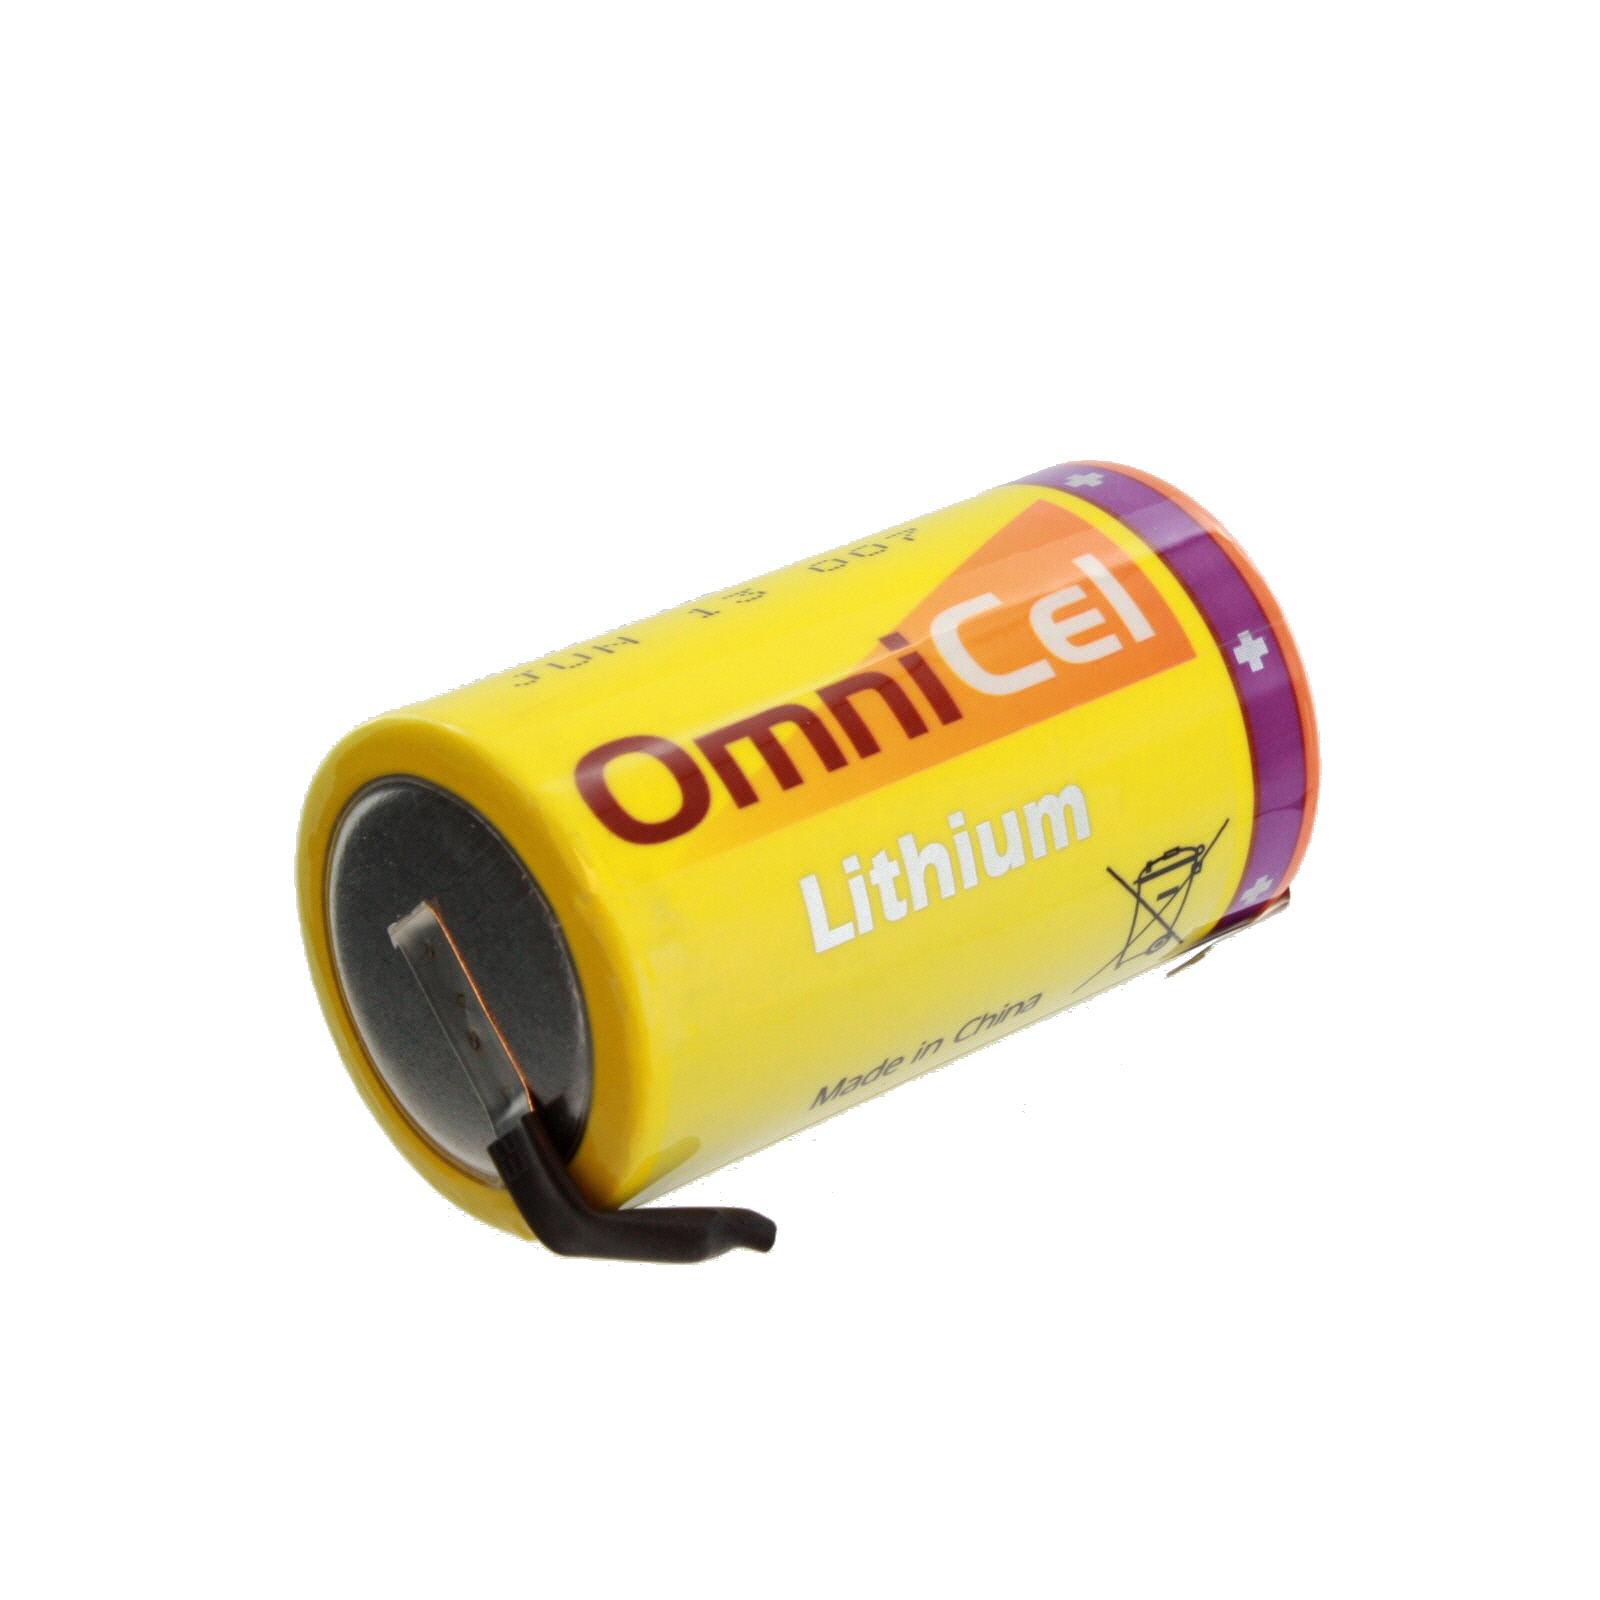 omnicel er34615 3 6 volt 19 ah d high energy lithium. Black Bedroom Furniture Sets. Home Design Ideas